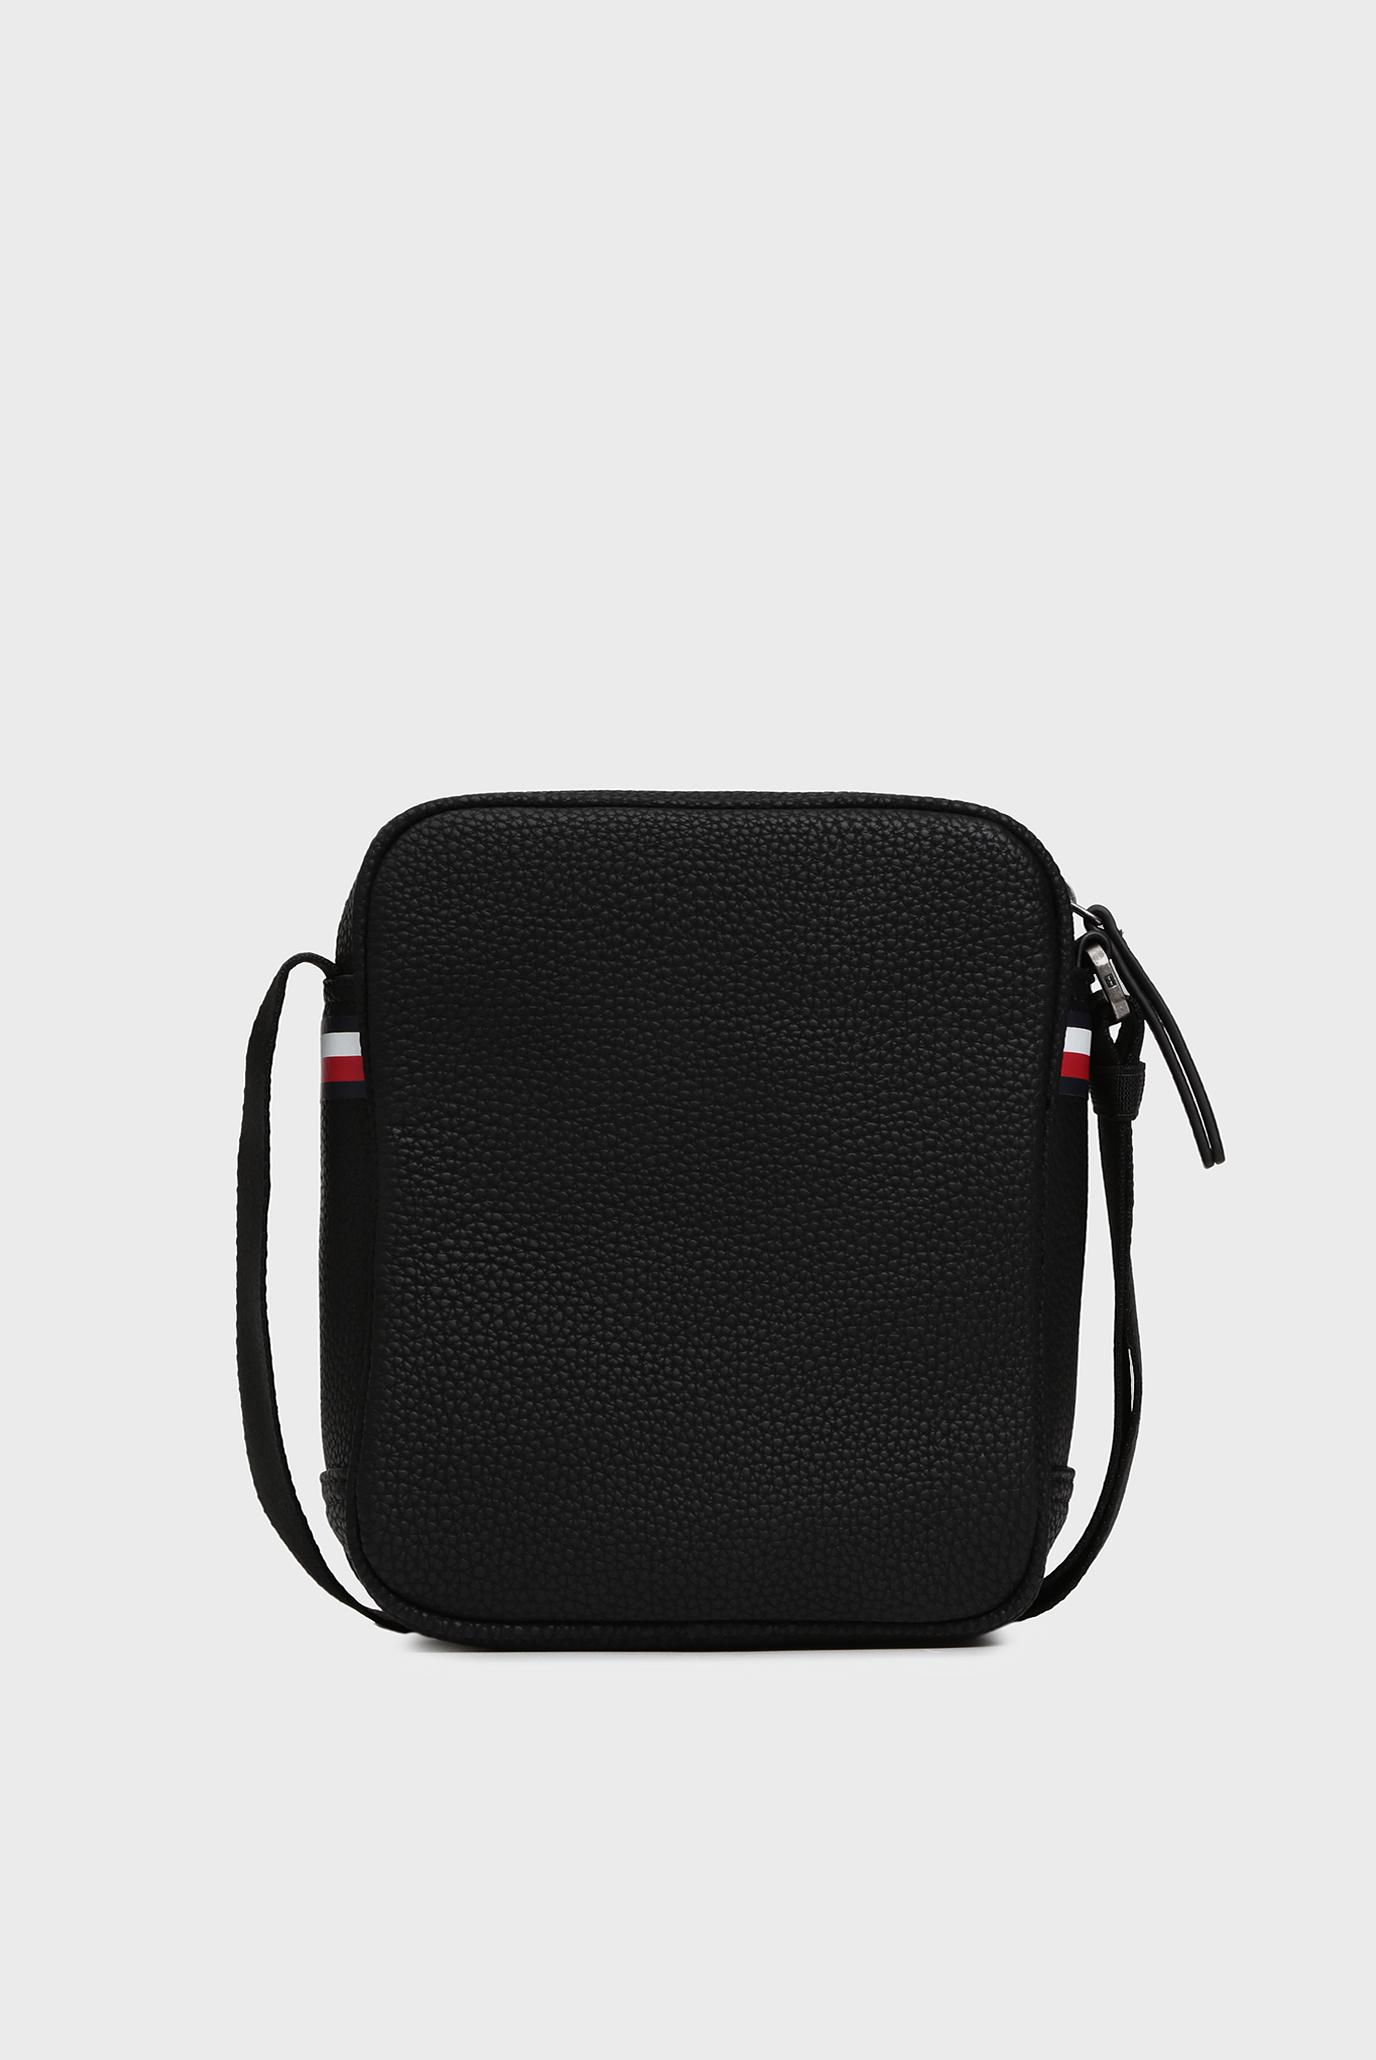 Мужская черная сумка через плечо ESSENTIAL MINI Tommy Hilfiger